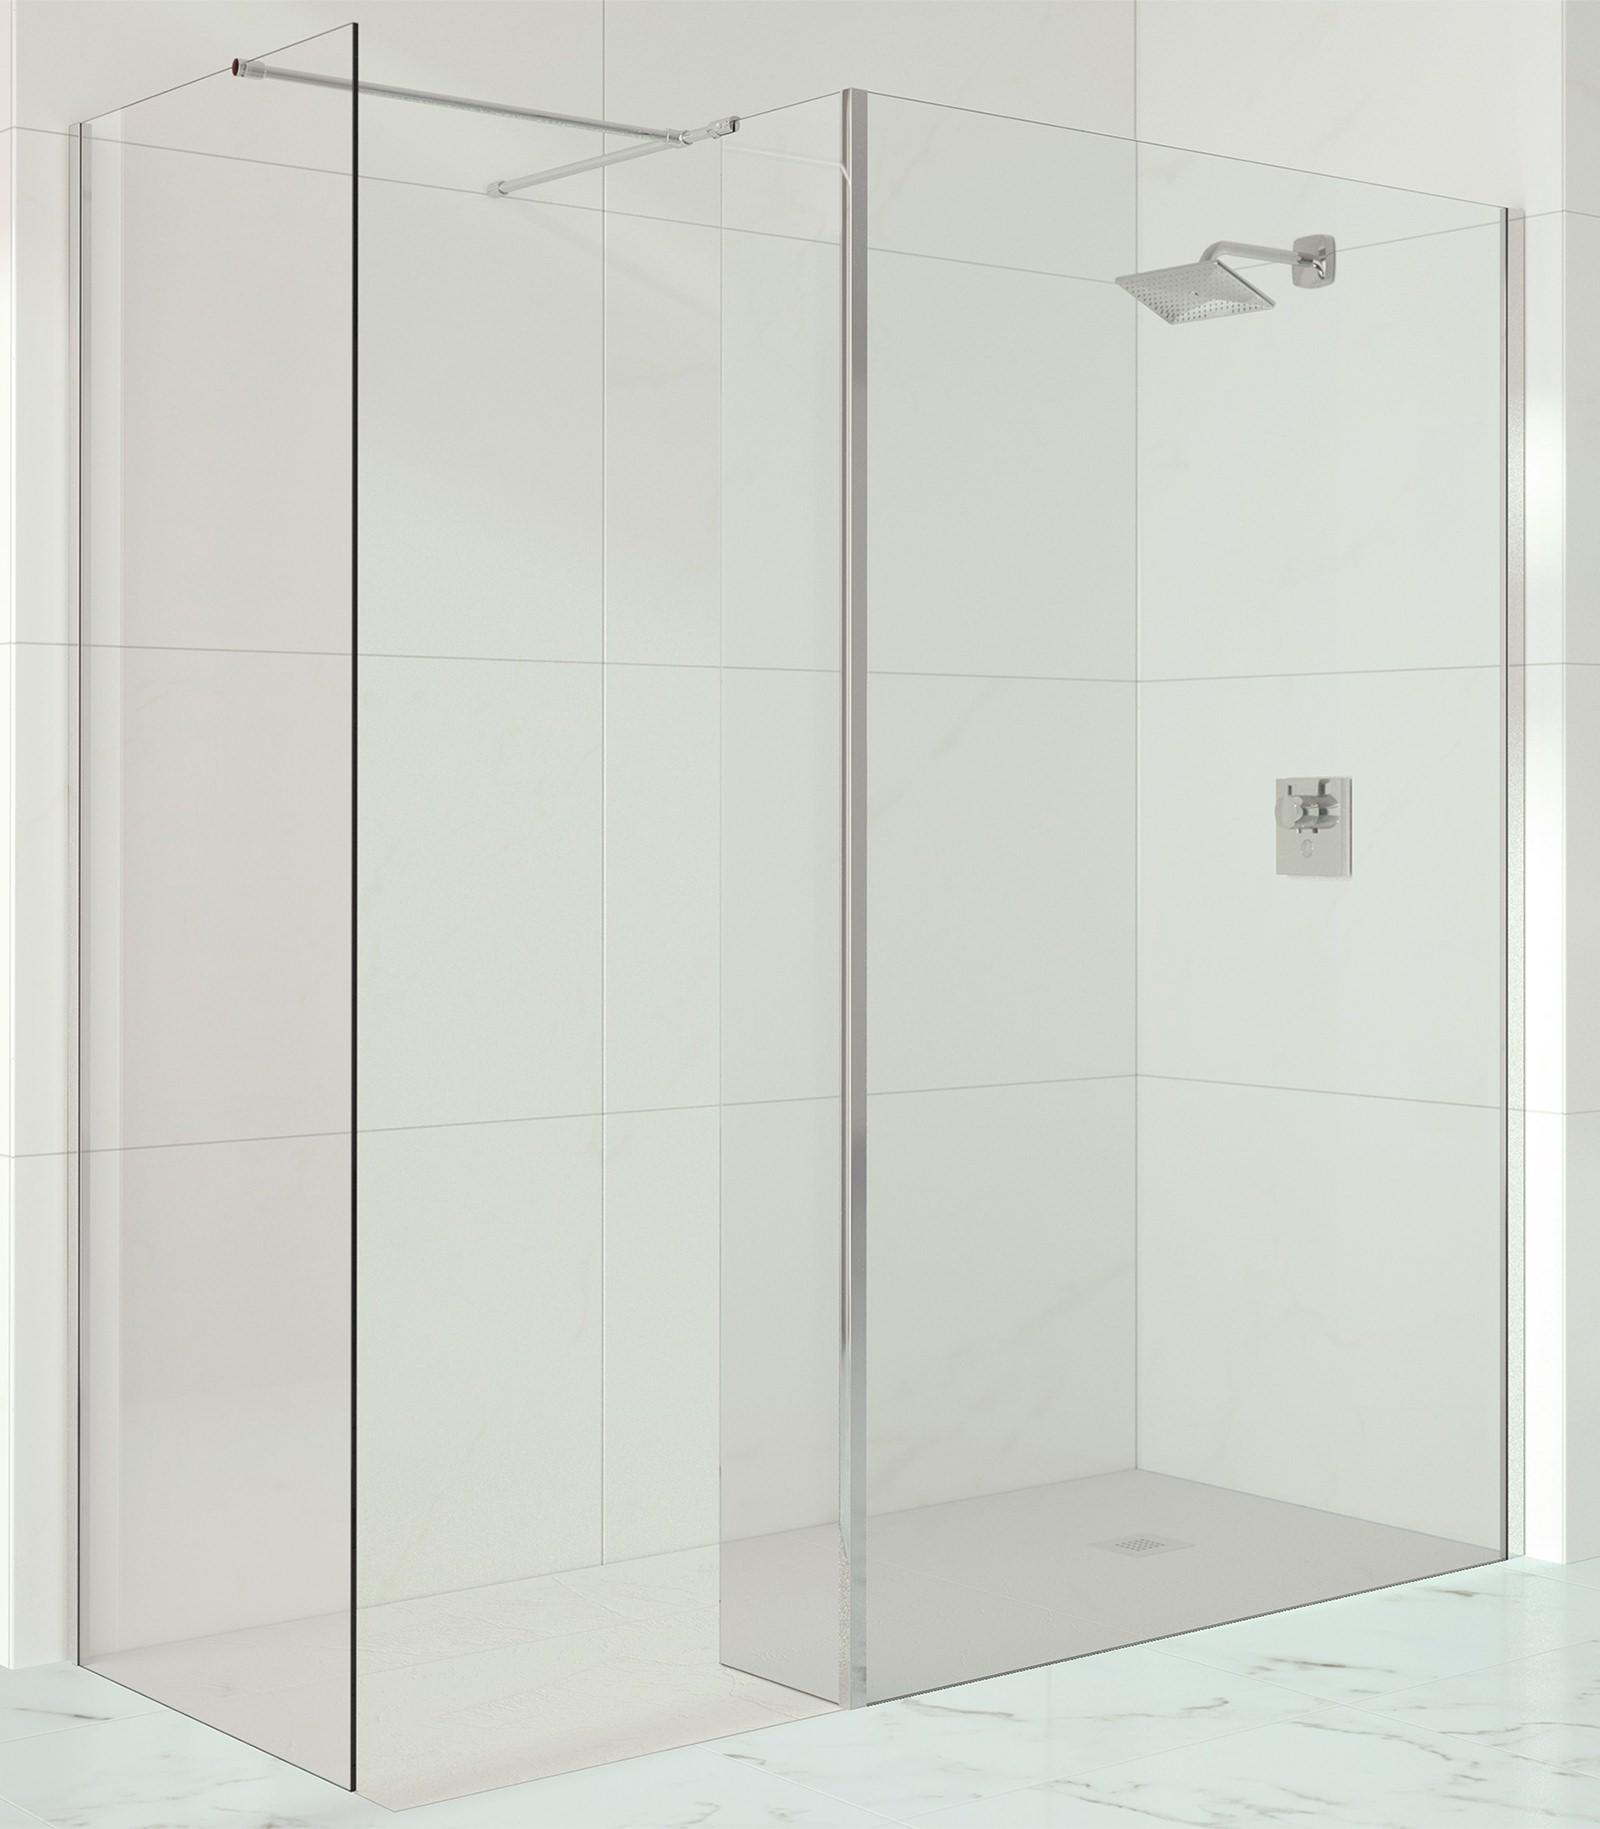 Merlyn 10 Series Wetroom Showerwall